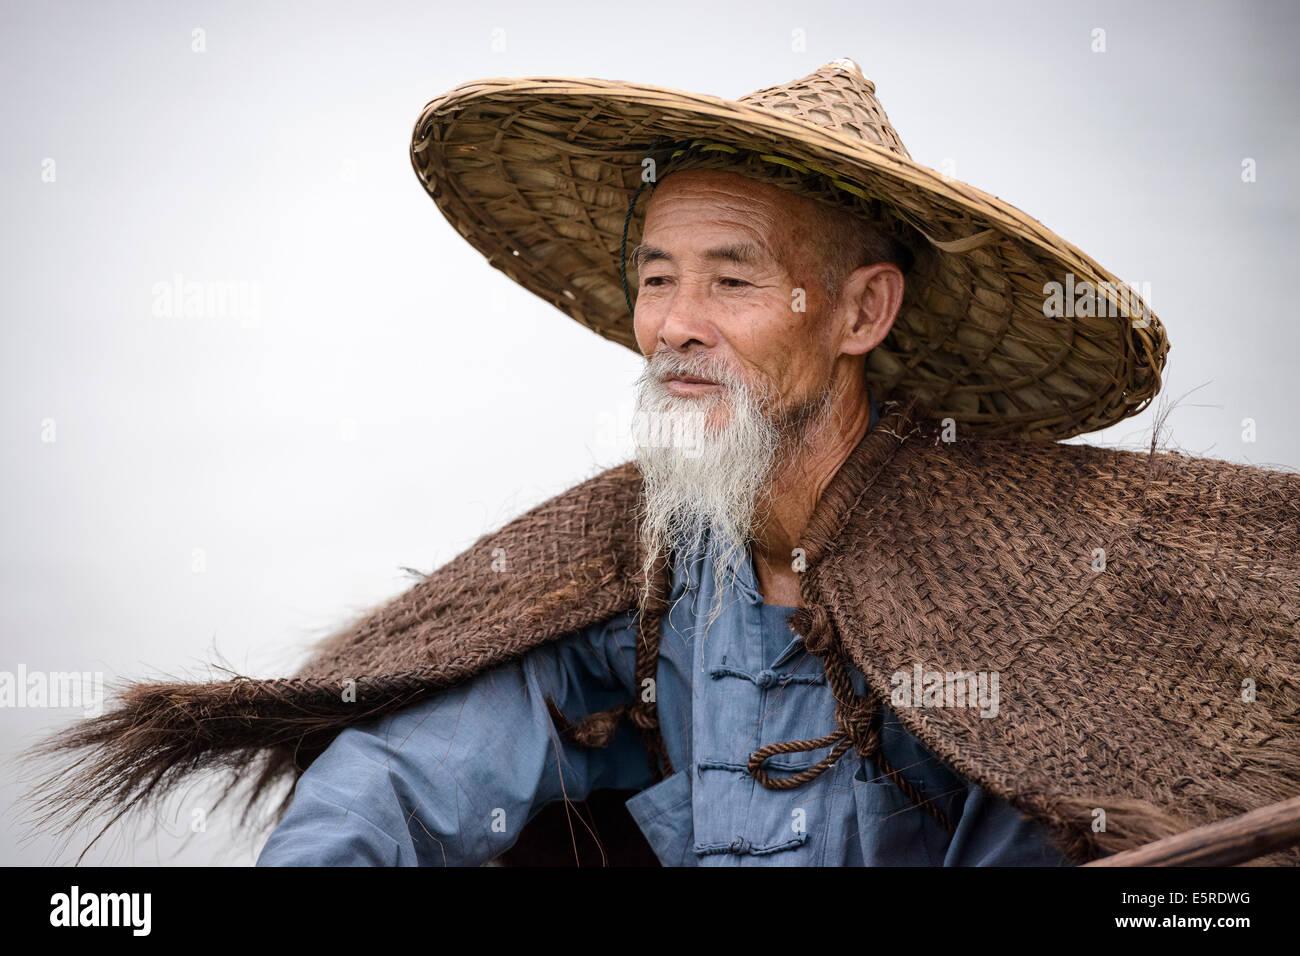 Cormorant fisherman in Yangshuo, Guangxi, China. - Stock Image